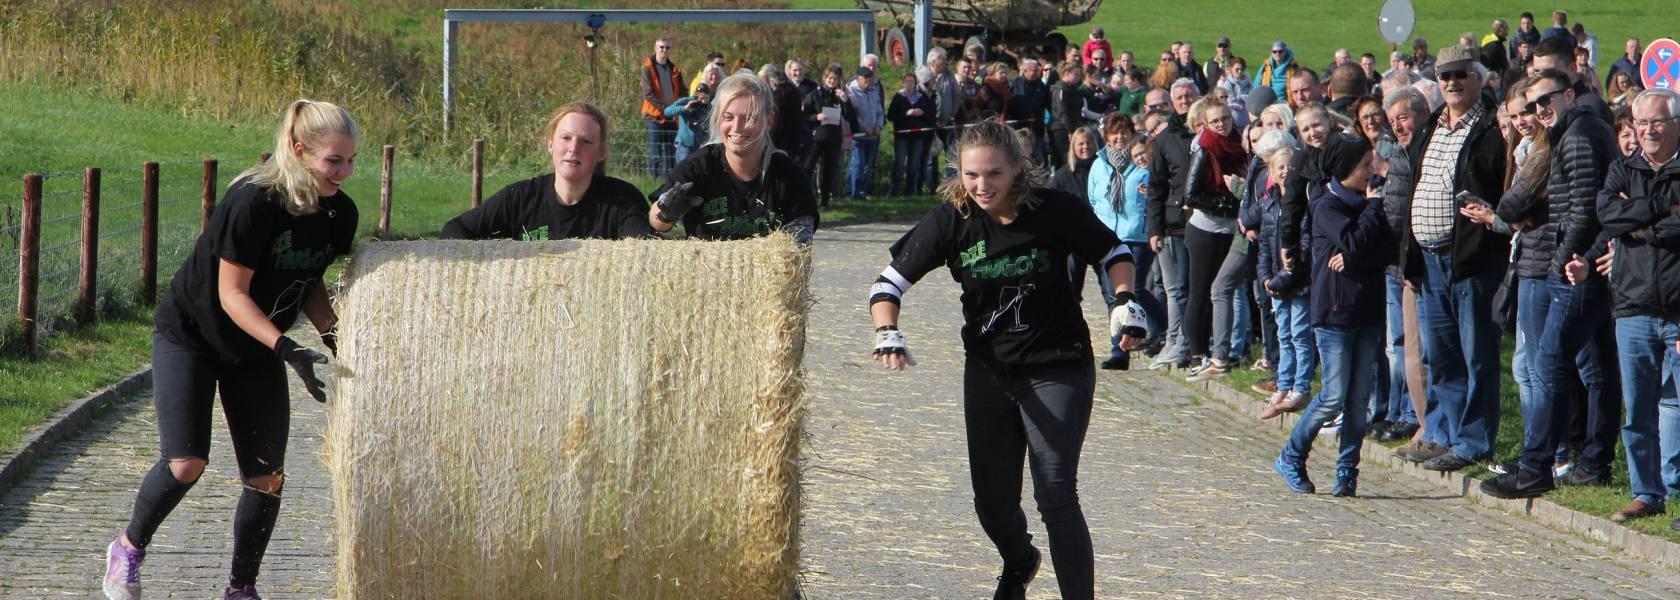 Strohballen-Rollmeisterschaft in Dornumersiel, © Tourismus GmbH Gemeinde Dornum